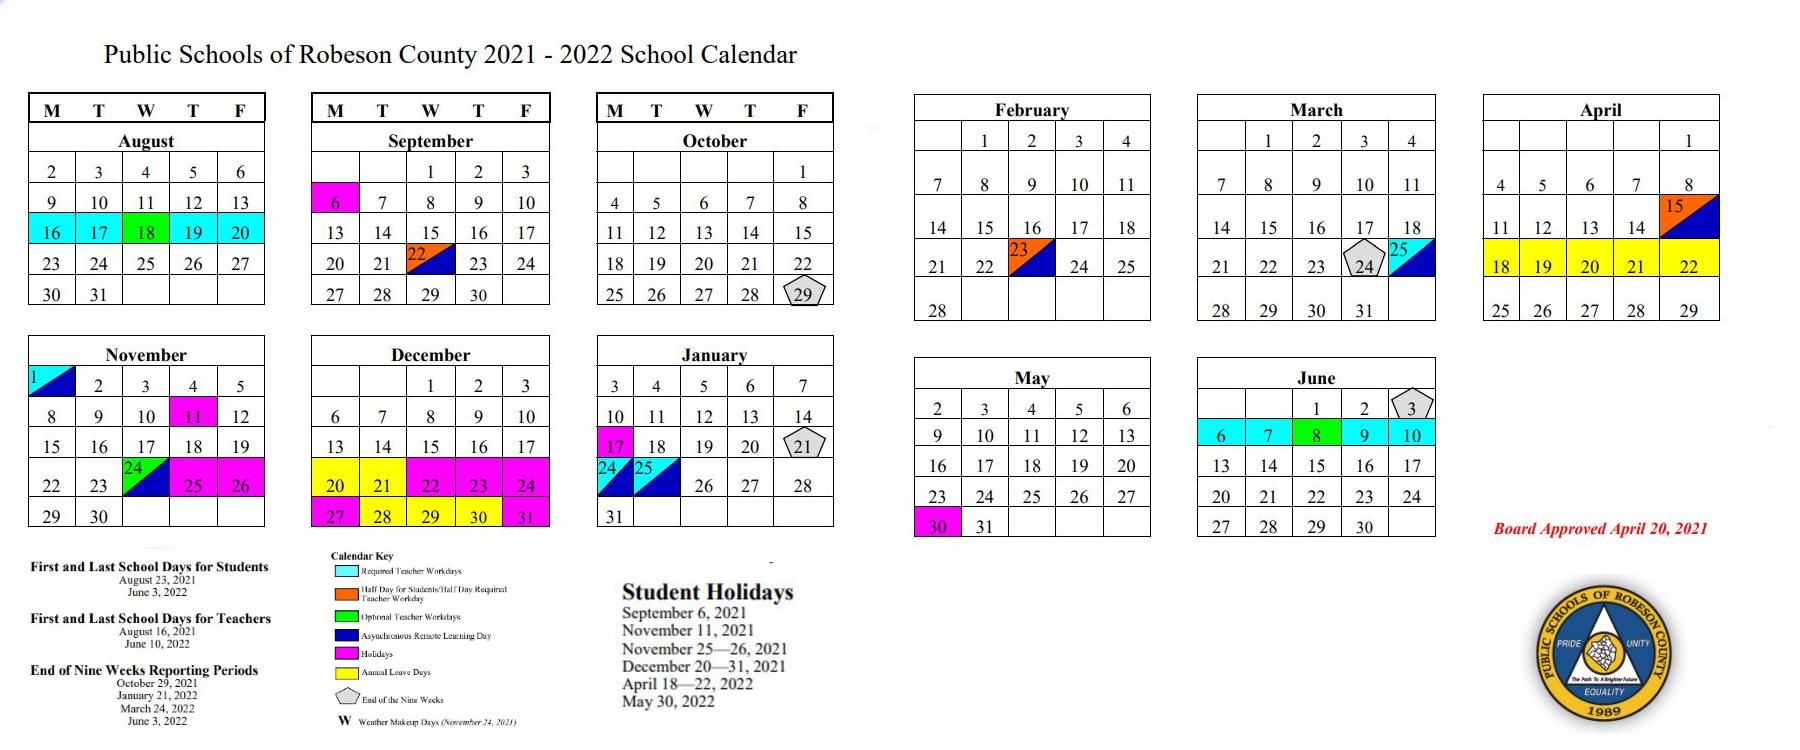 PSRC School Calendar